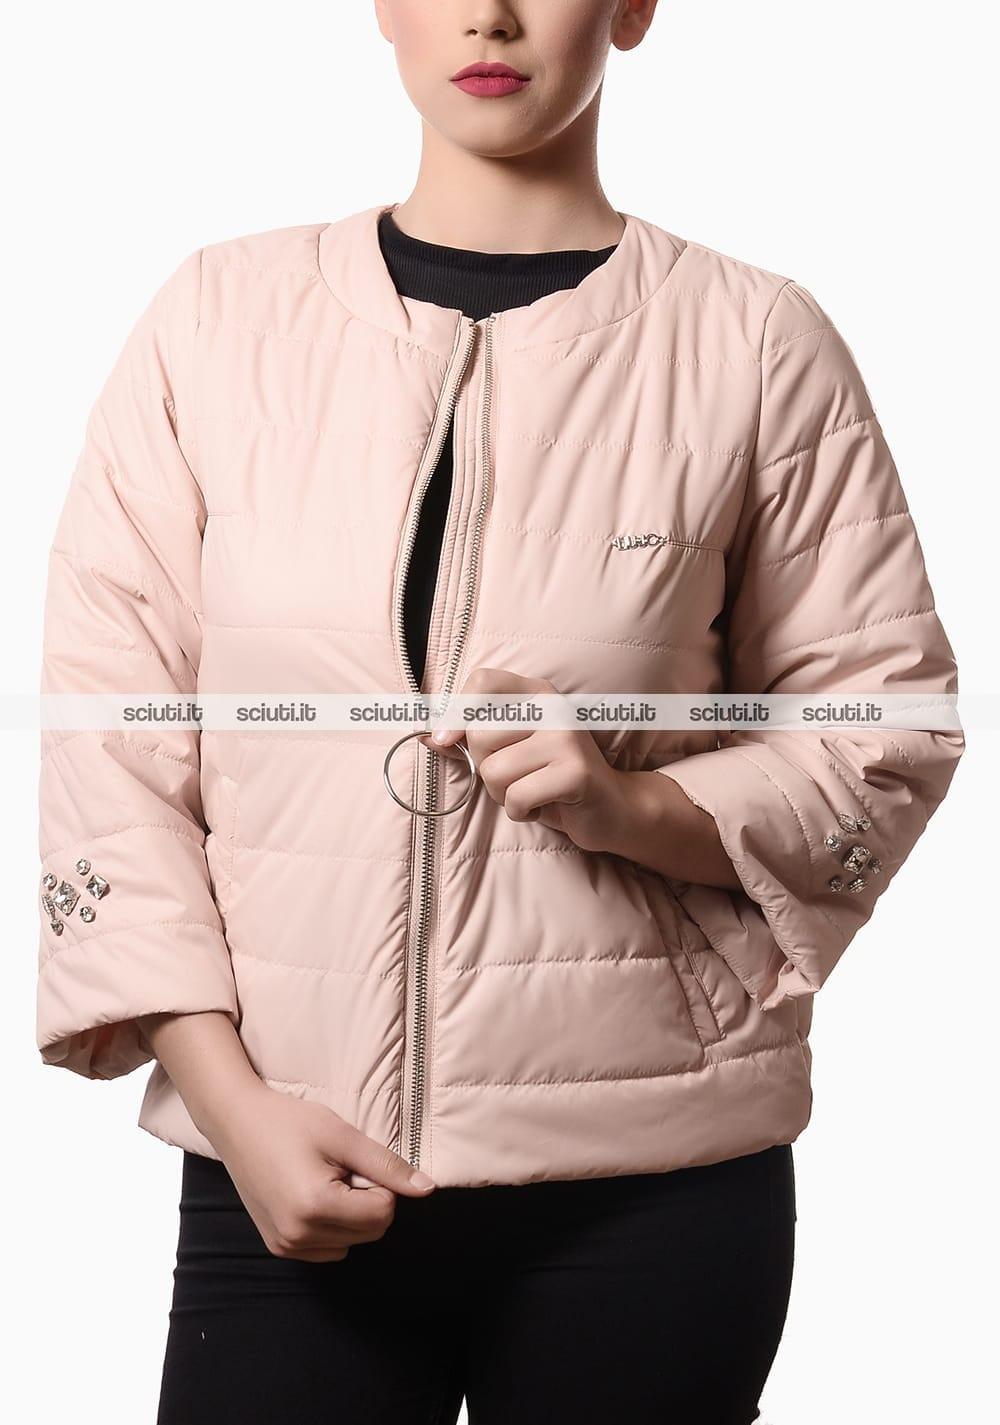 size 40 f3f4a e75a9 Piumino Liu Jo donna inserti gioiello rosa | Sciuti.it